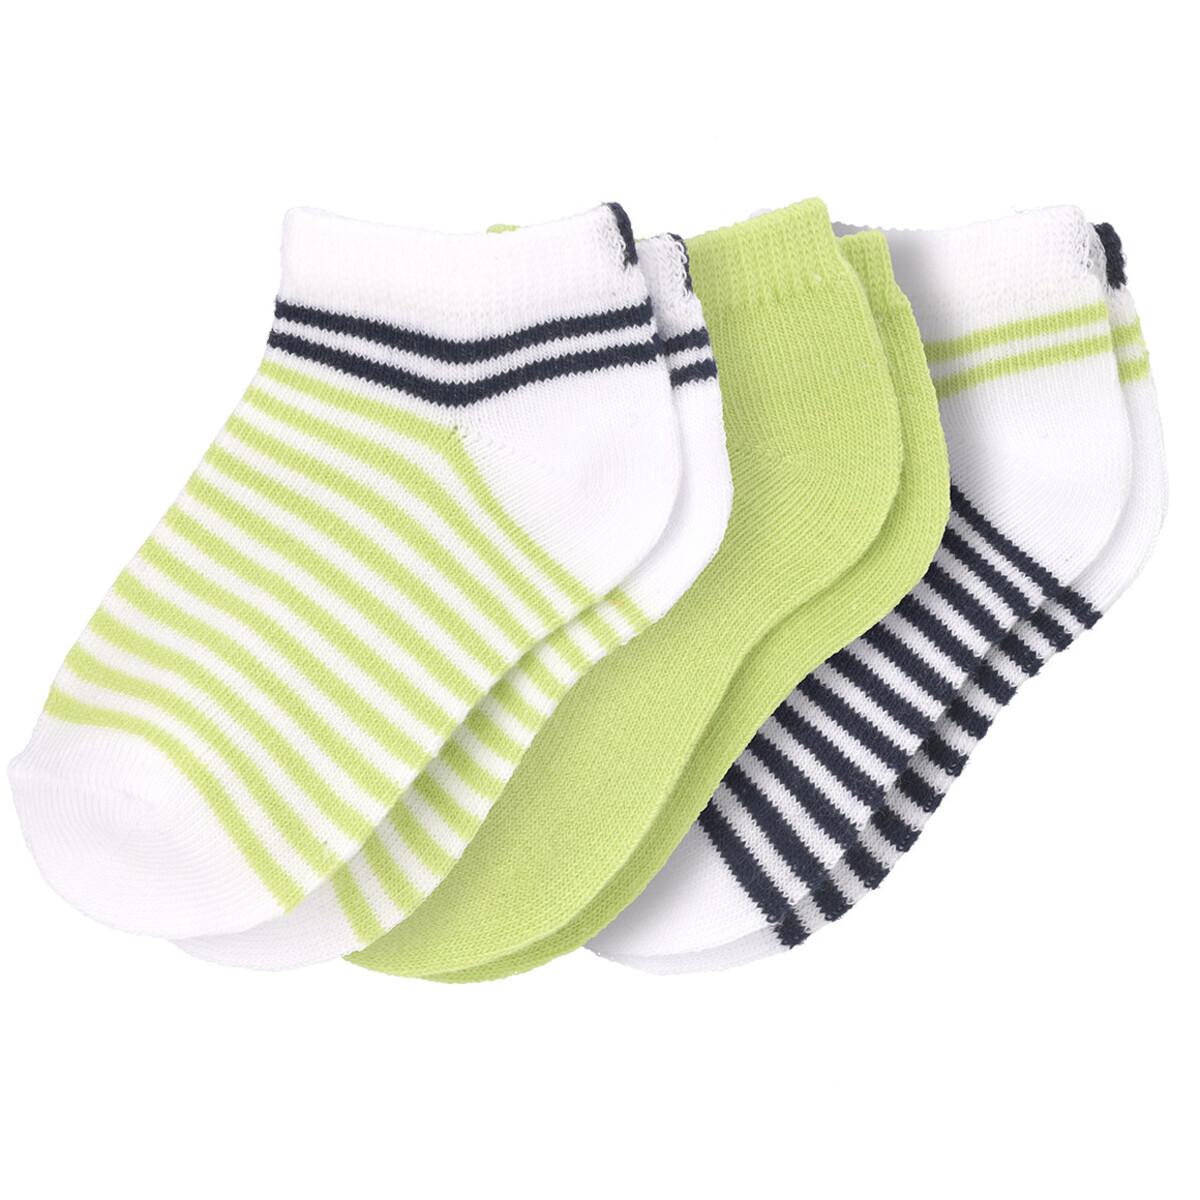 Bild 1 von 3 Paar Baby Sneaker-Socken im Set